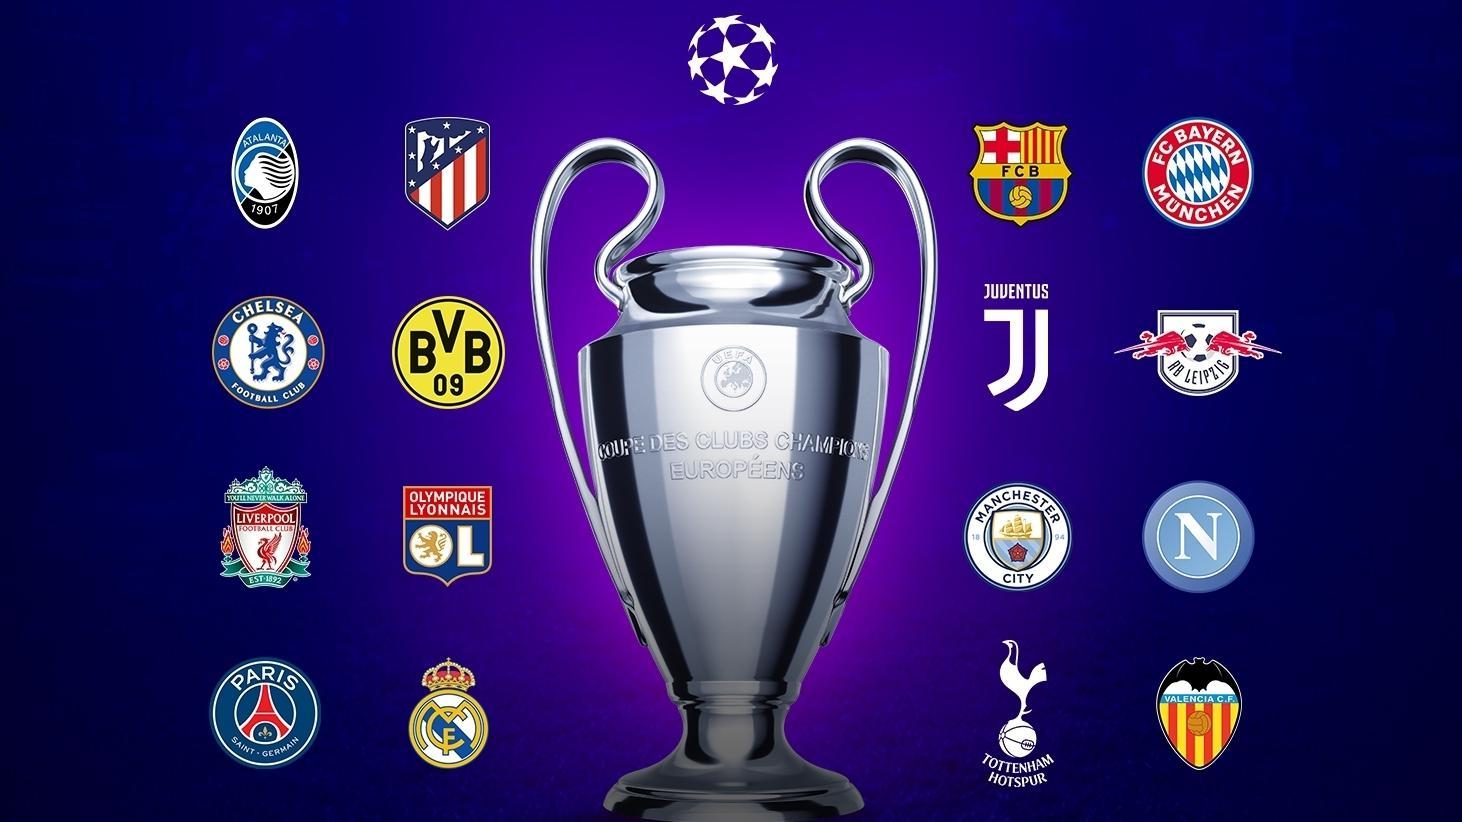 Análisis De Las Eliminatorias De Los Octavos De Final Uefa Champions League Uefa Com